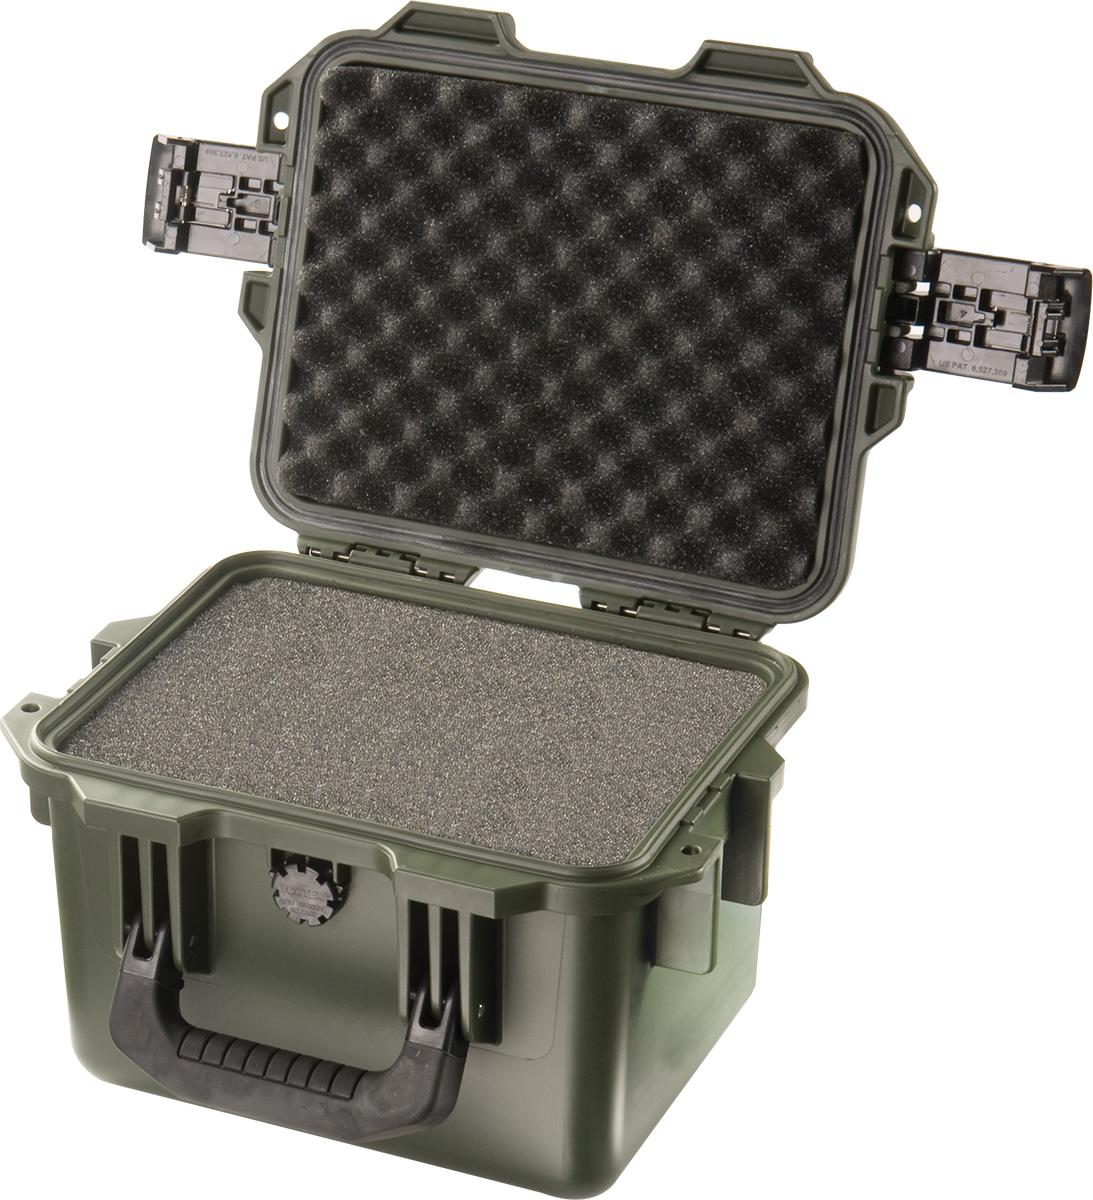 pelican im2075 camera case green